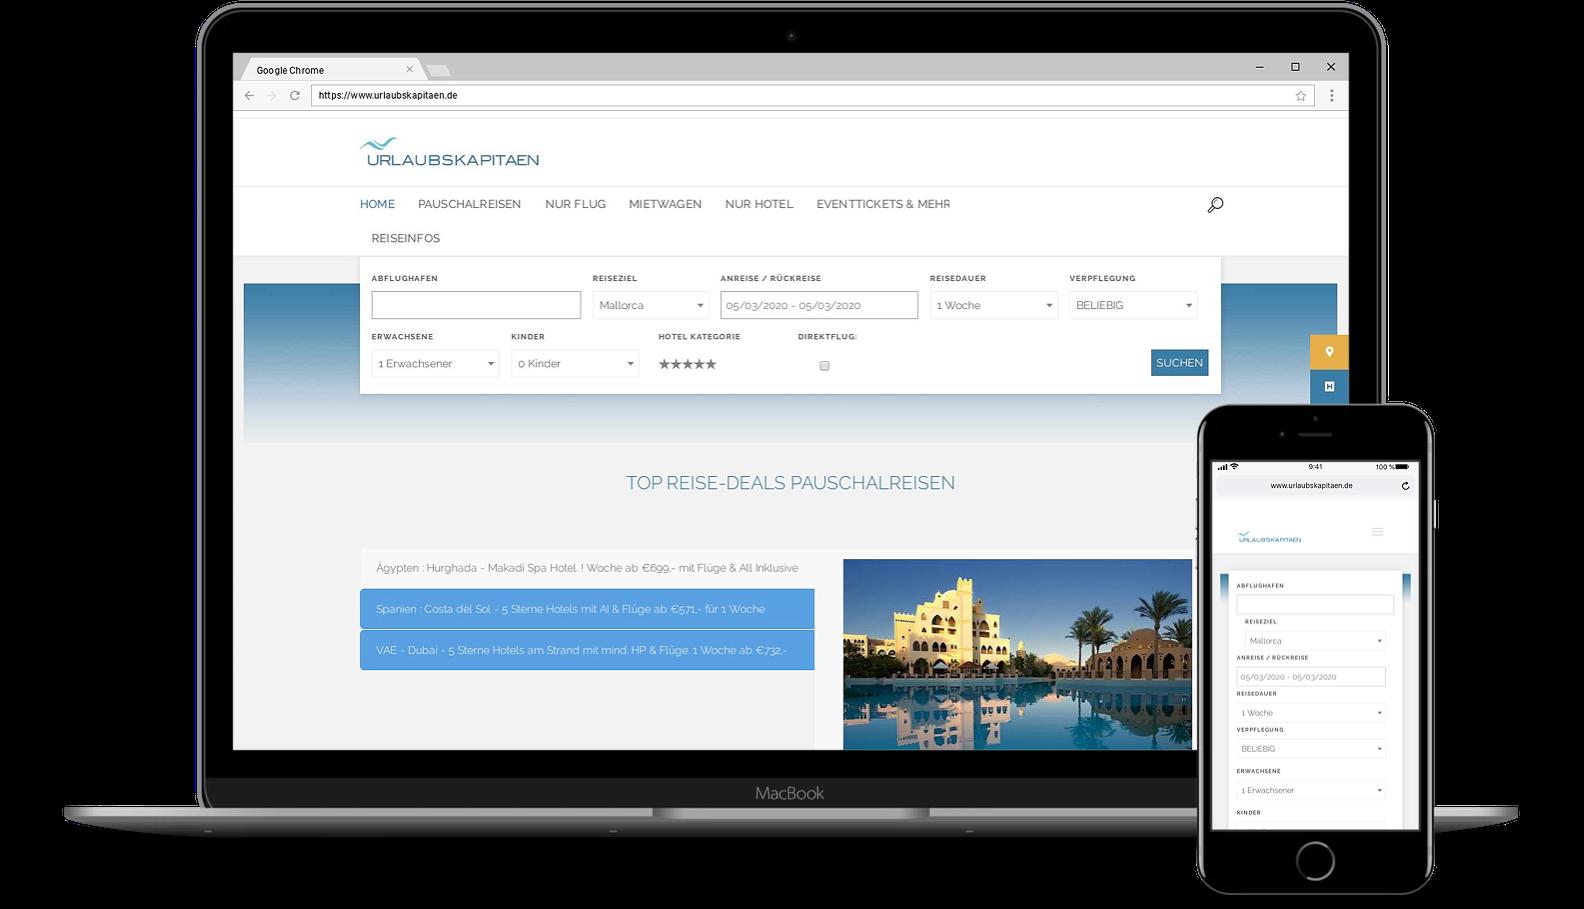 Webdesign für Webseite von Urlaubskapitaen